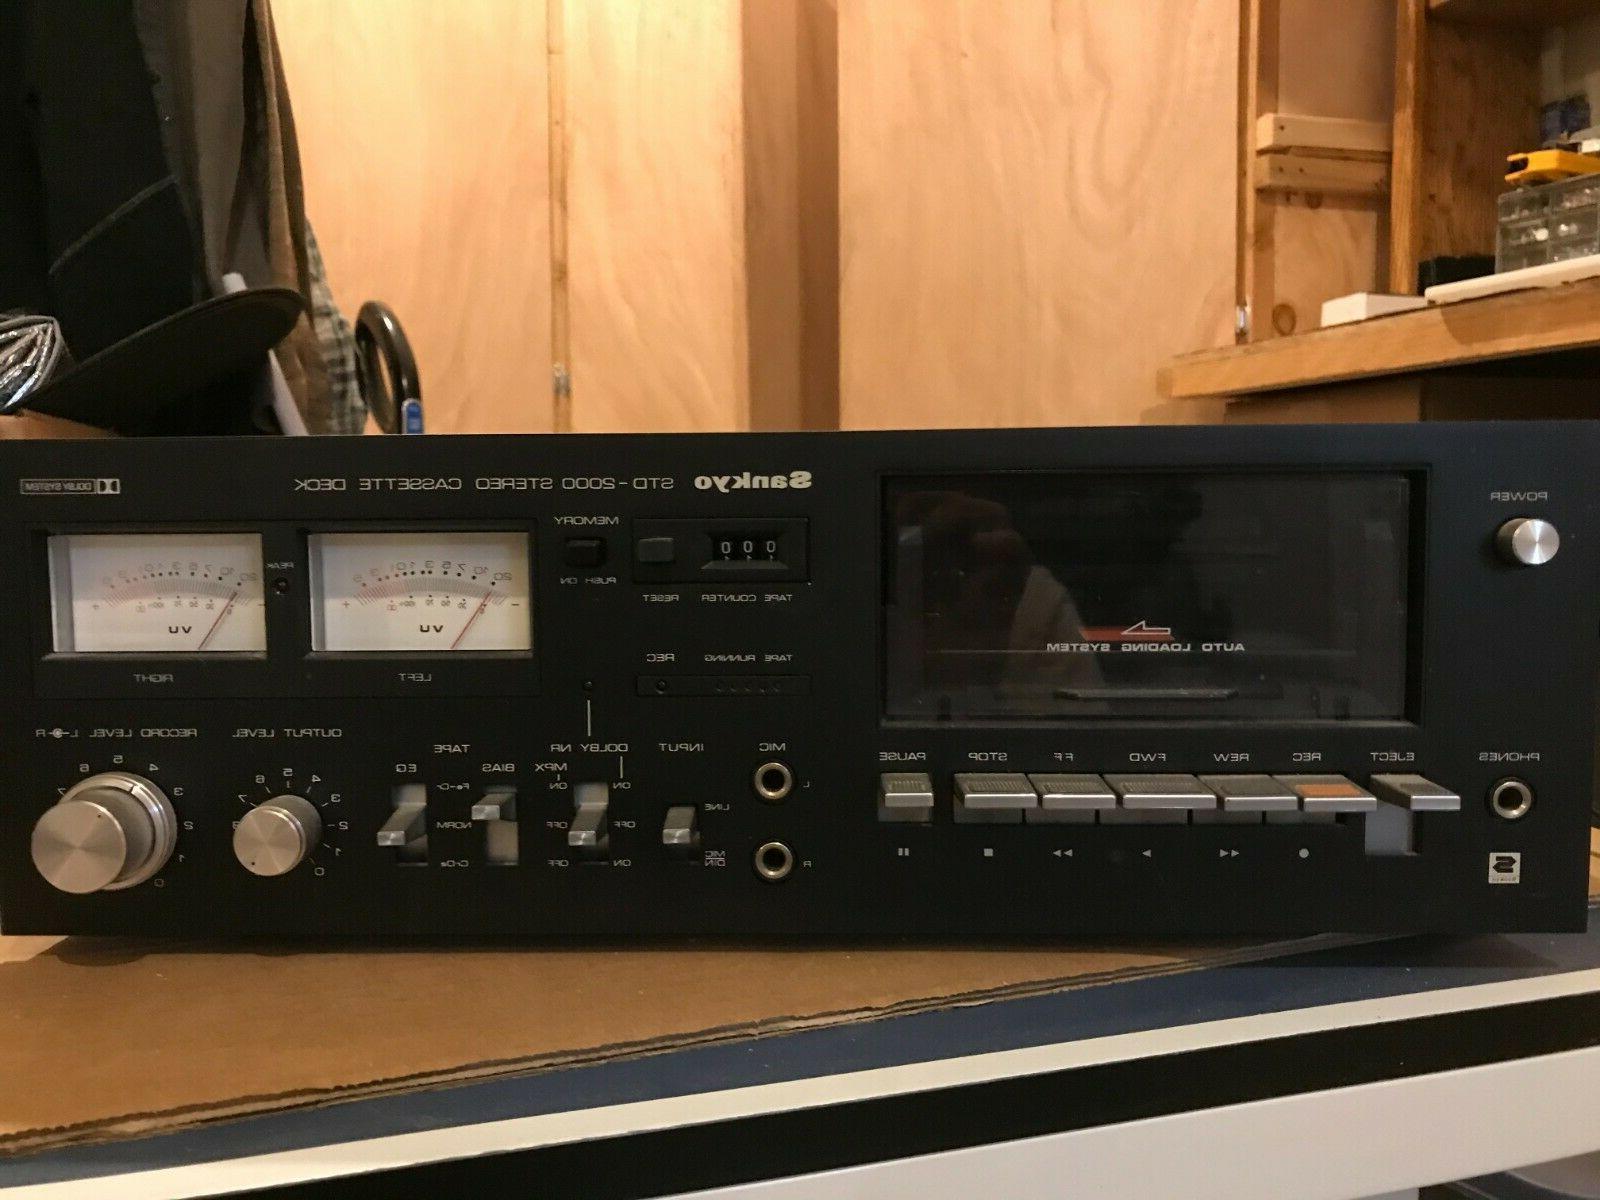 std 2000 cassette deck